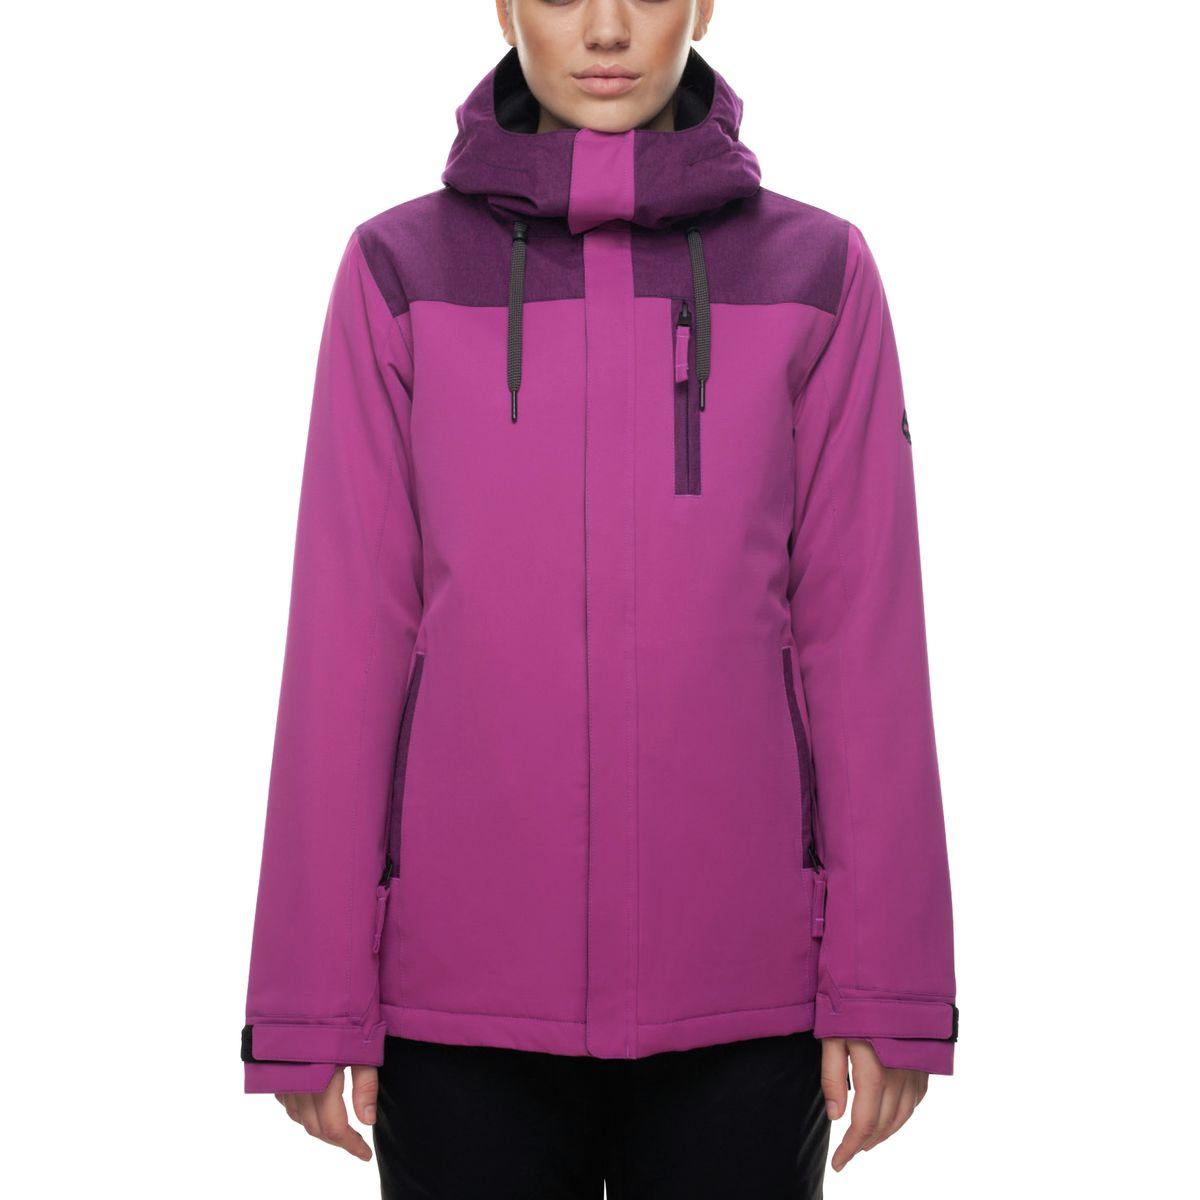 686 dámská zimní bunda Eden Insulated Jacket Fuchsia 17/18 Velikost: S Doprava zdarma